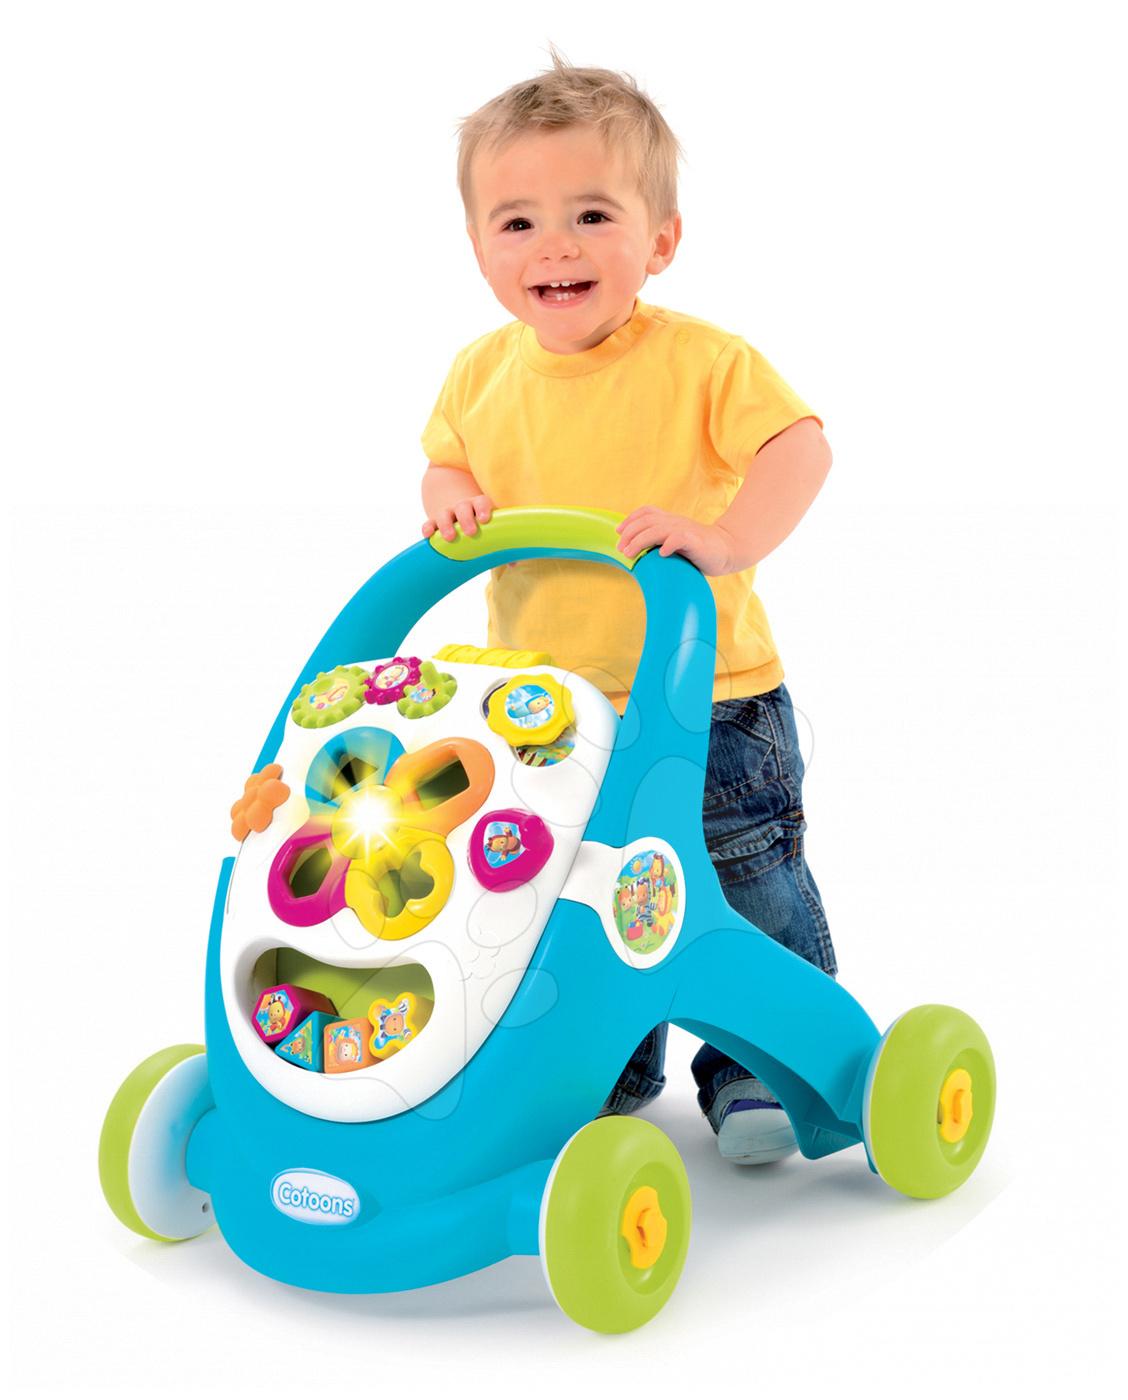 Detské chodítka - Didaktické chodítko Cotoons Smoby so zvukom a svetlom modré od 12 mes